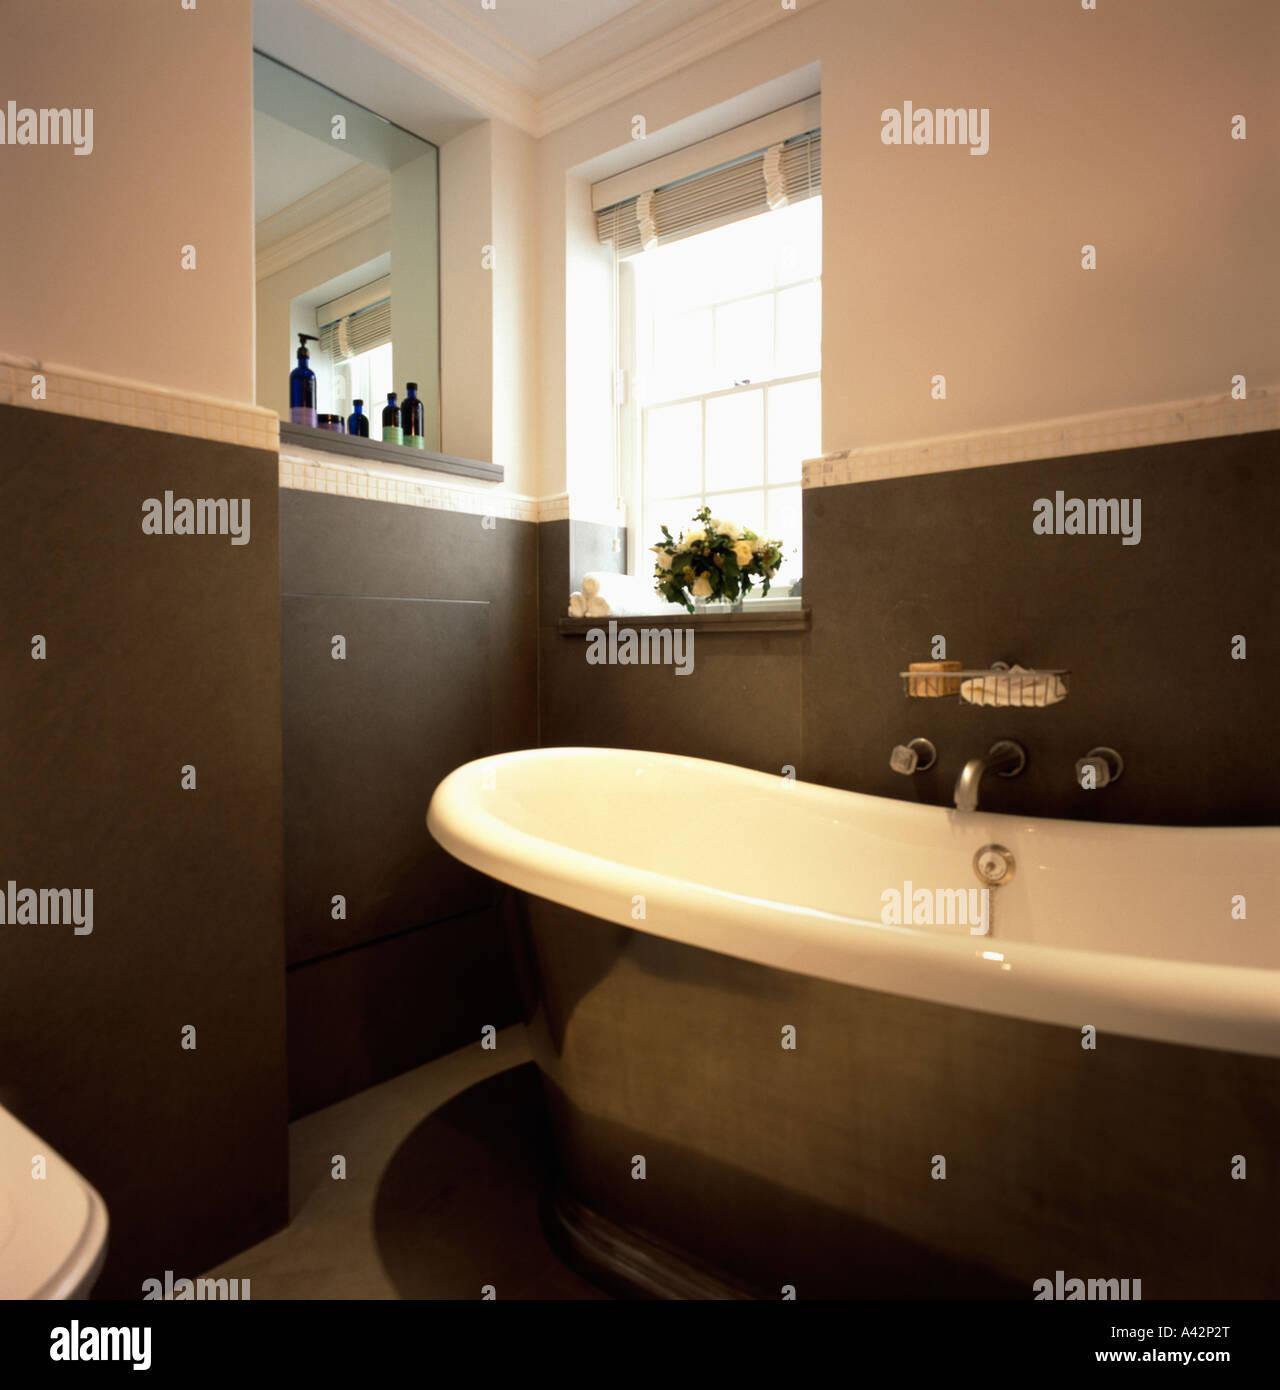 Freistehende Badewanne In Braun Und Creme Modernes Bad